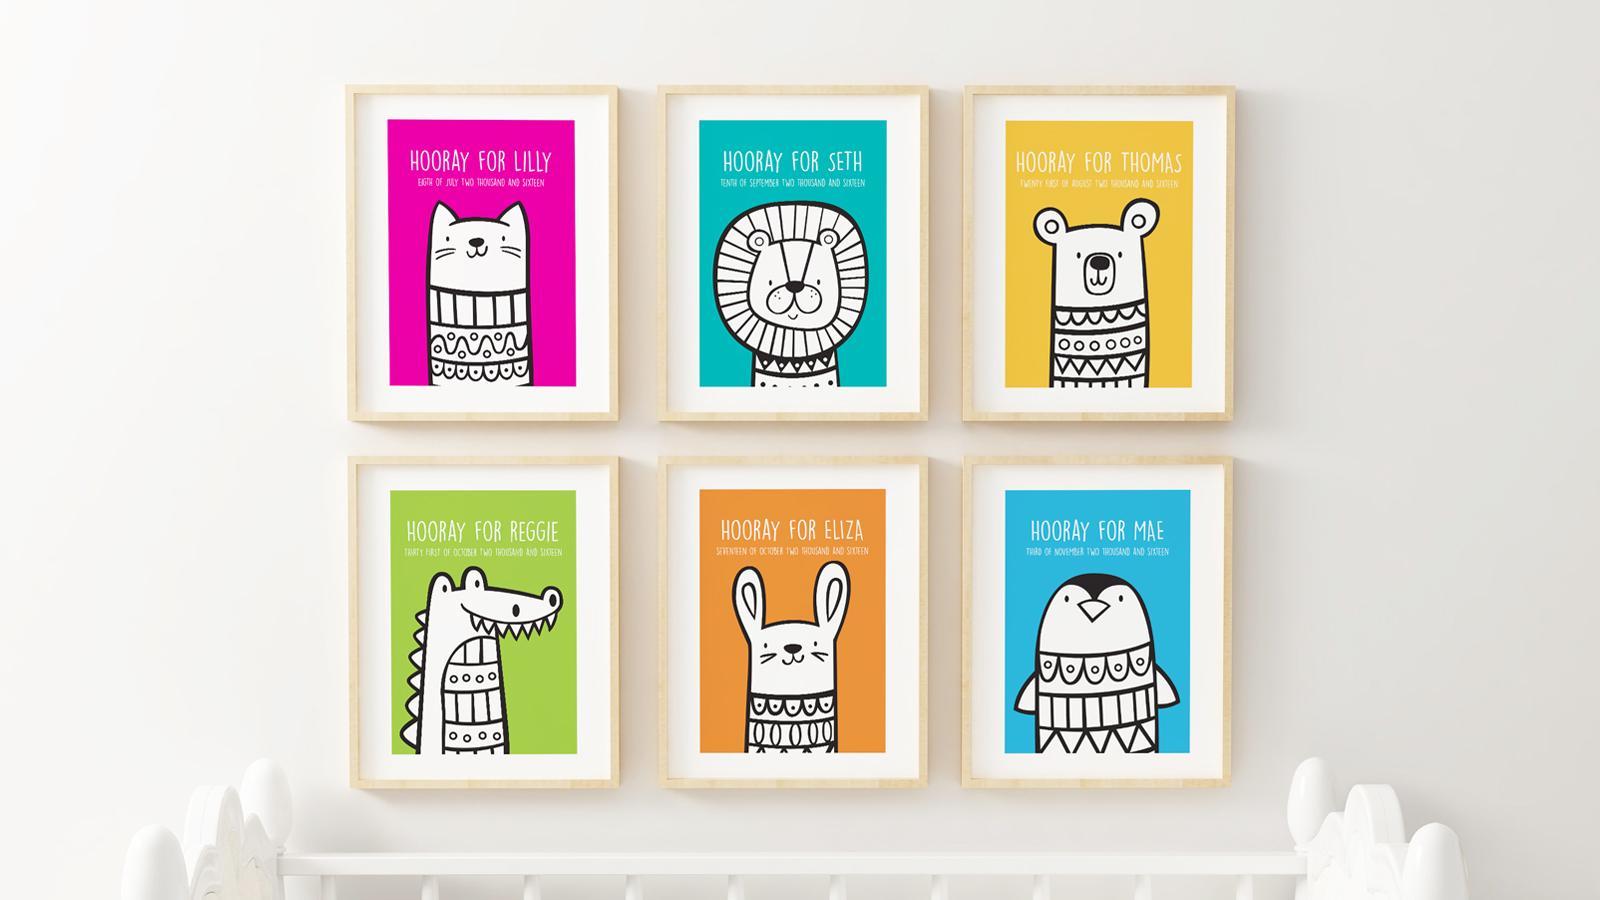 Sosoyoyo personalised prints